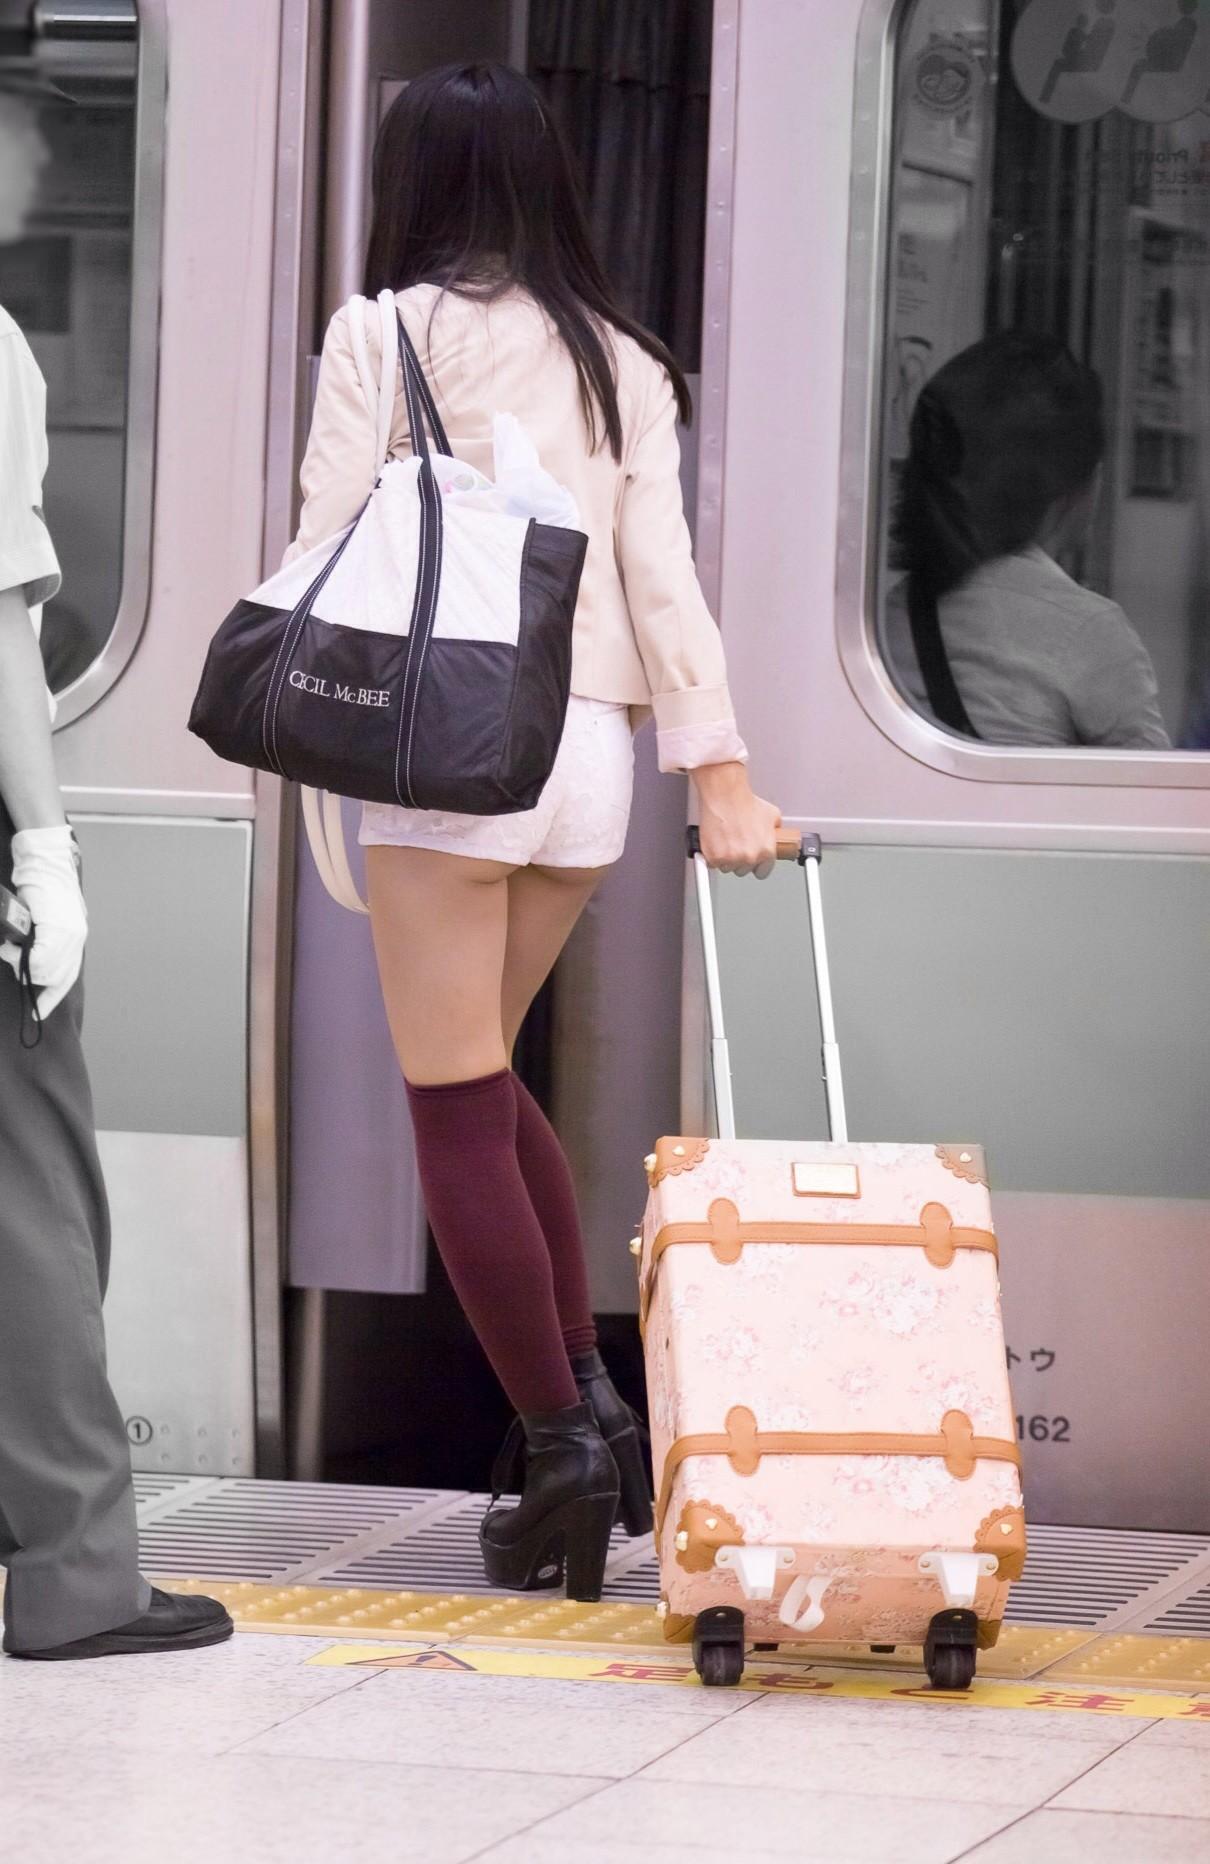 ショーパン ハミ尻&太ももエロ画像32枚!際どいショーパン履いてる女のビッチ率は異常www